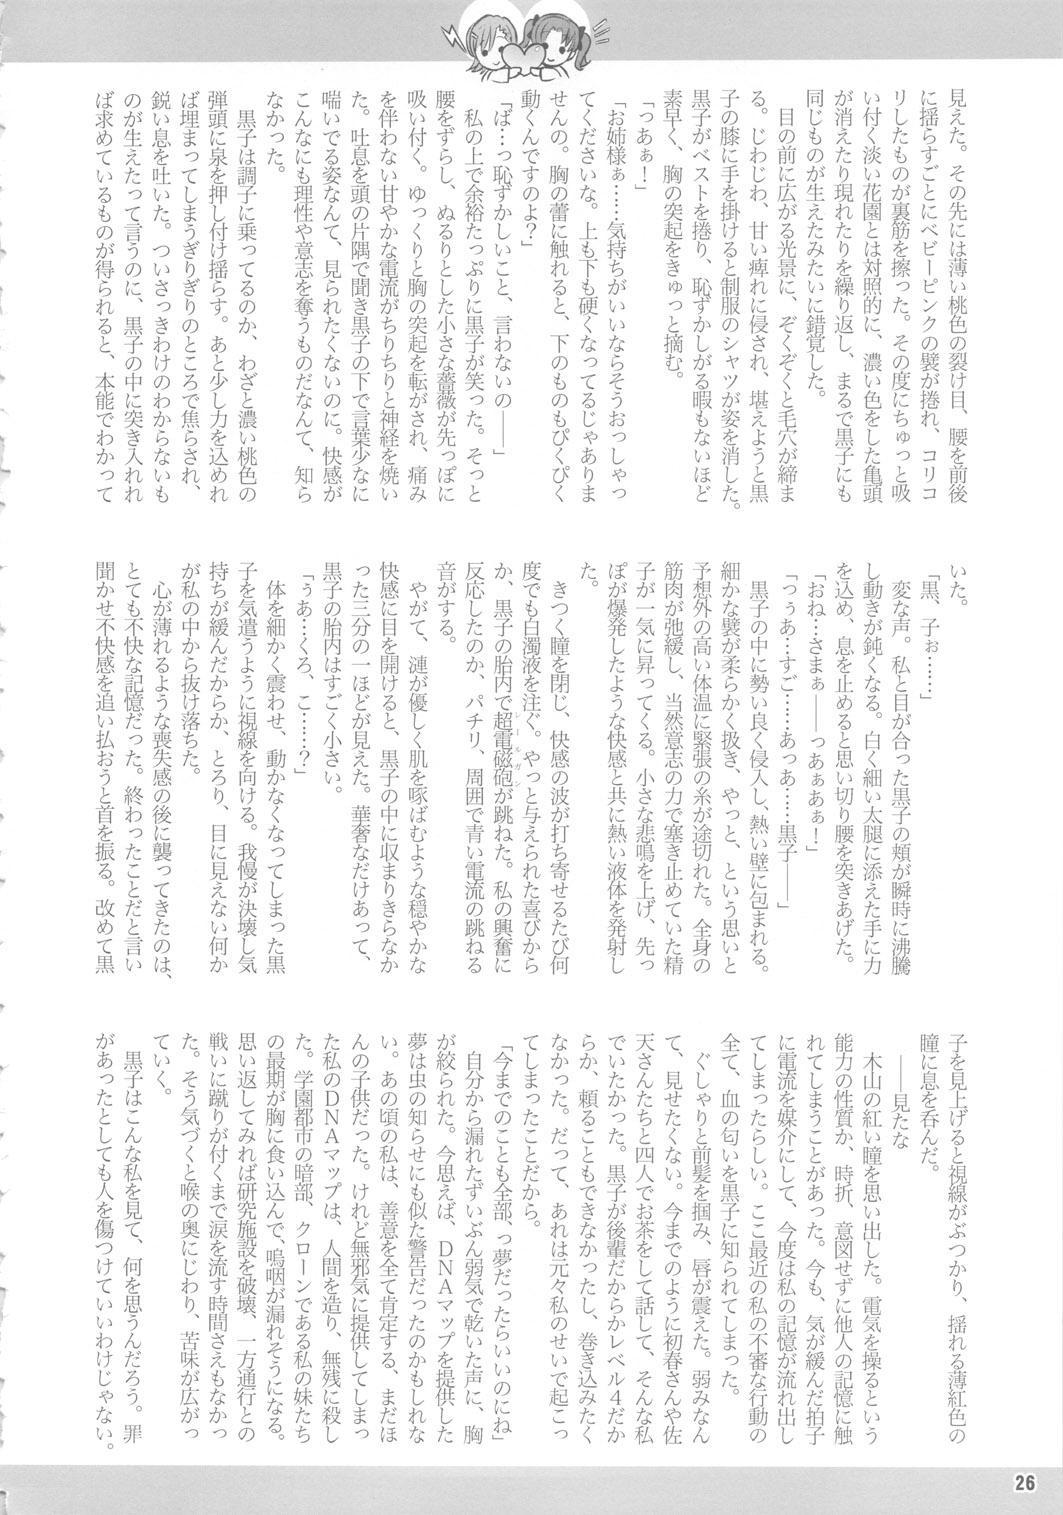 (C78) [Arsenothelus (Rebis)] Toaru Kuroko no Mikoto Kanzen Kouryaku (Toaru Kagaku no Railgun) [English] <desudesu> 24